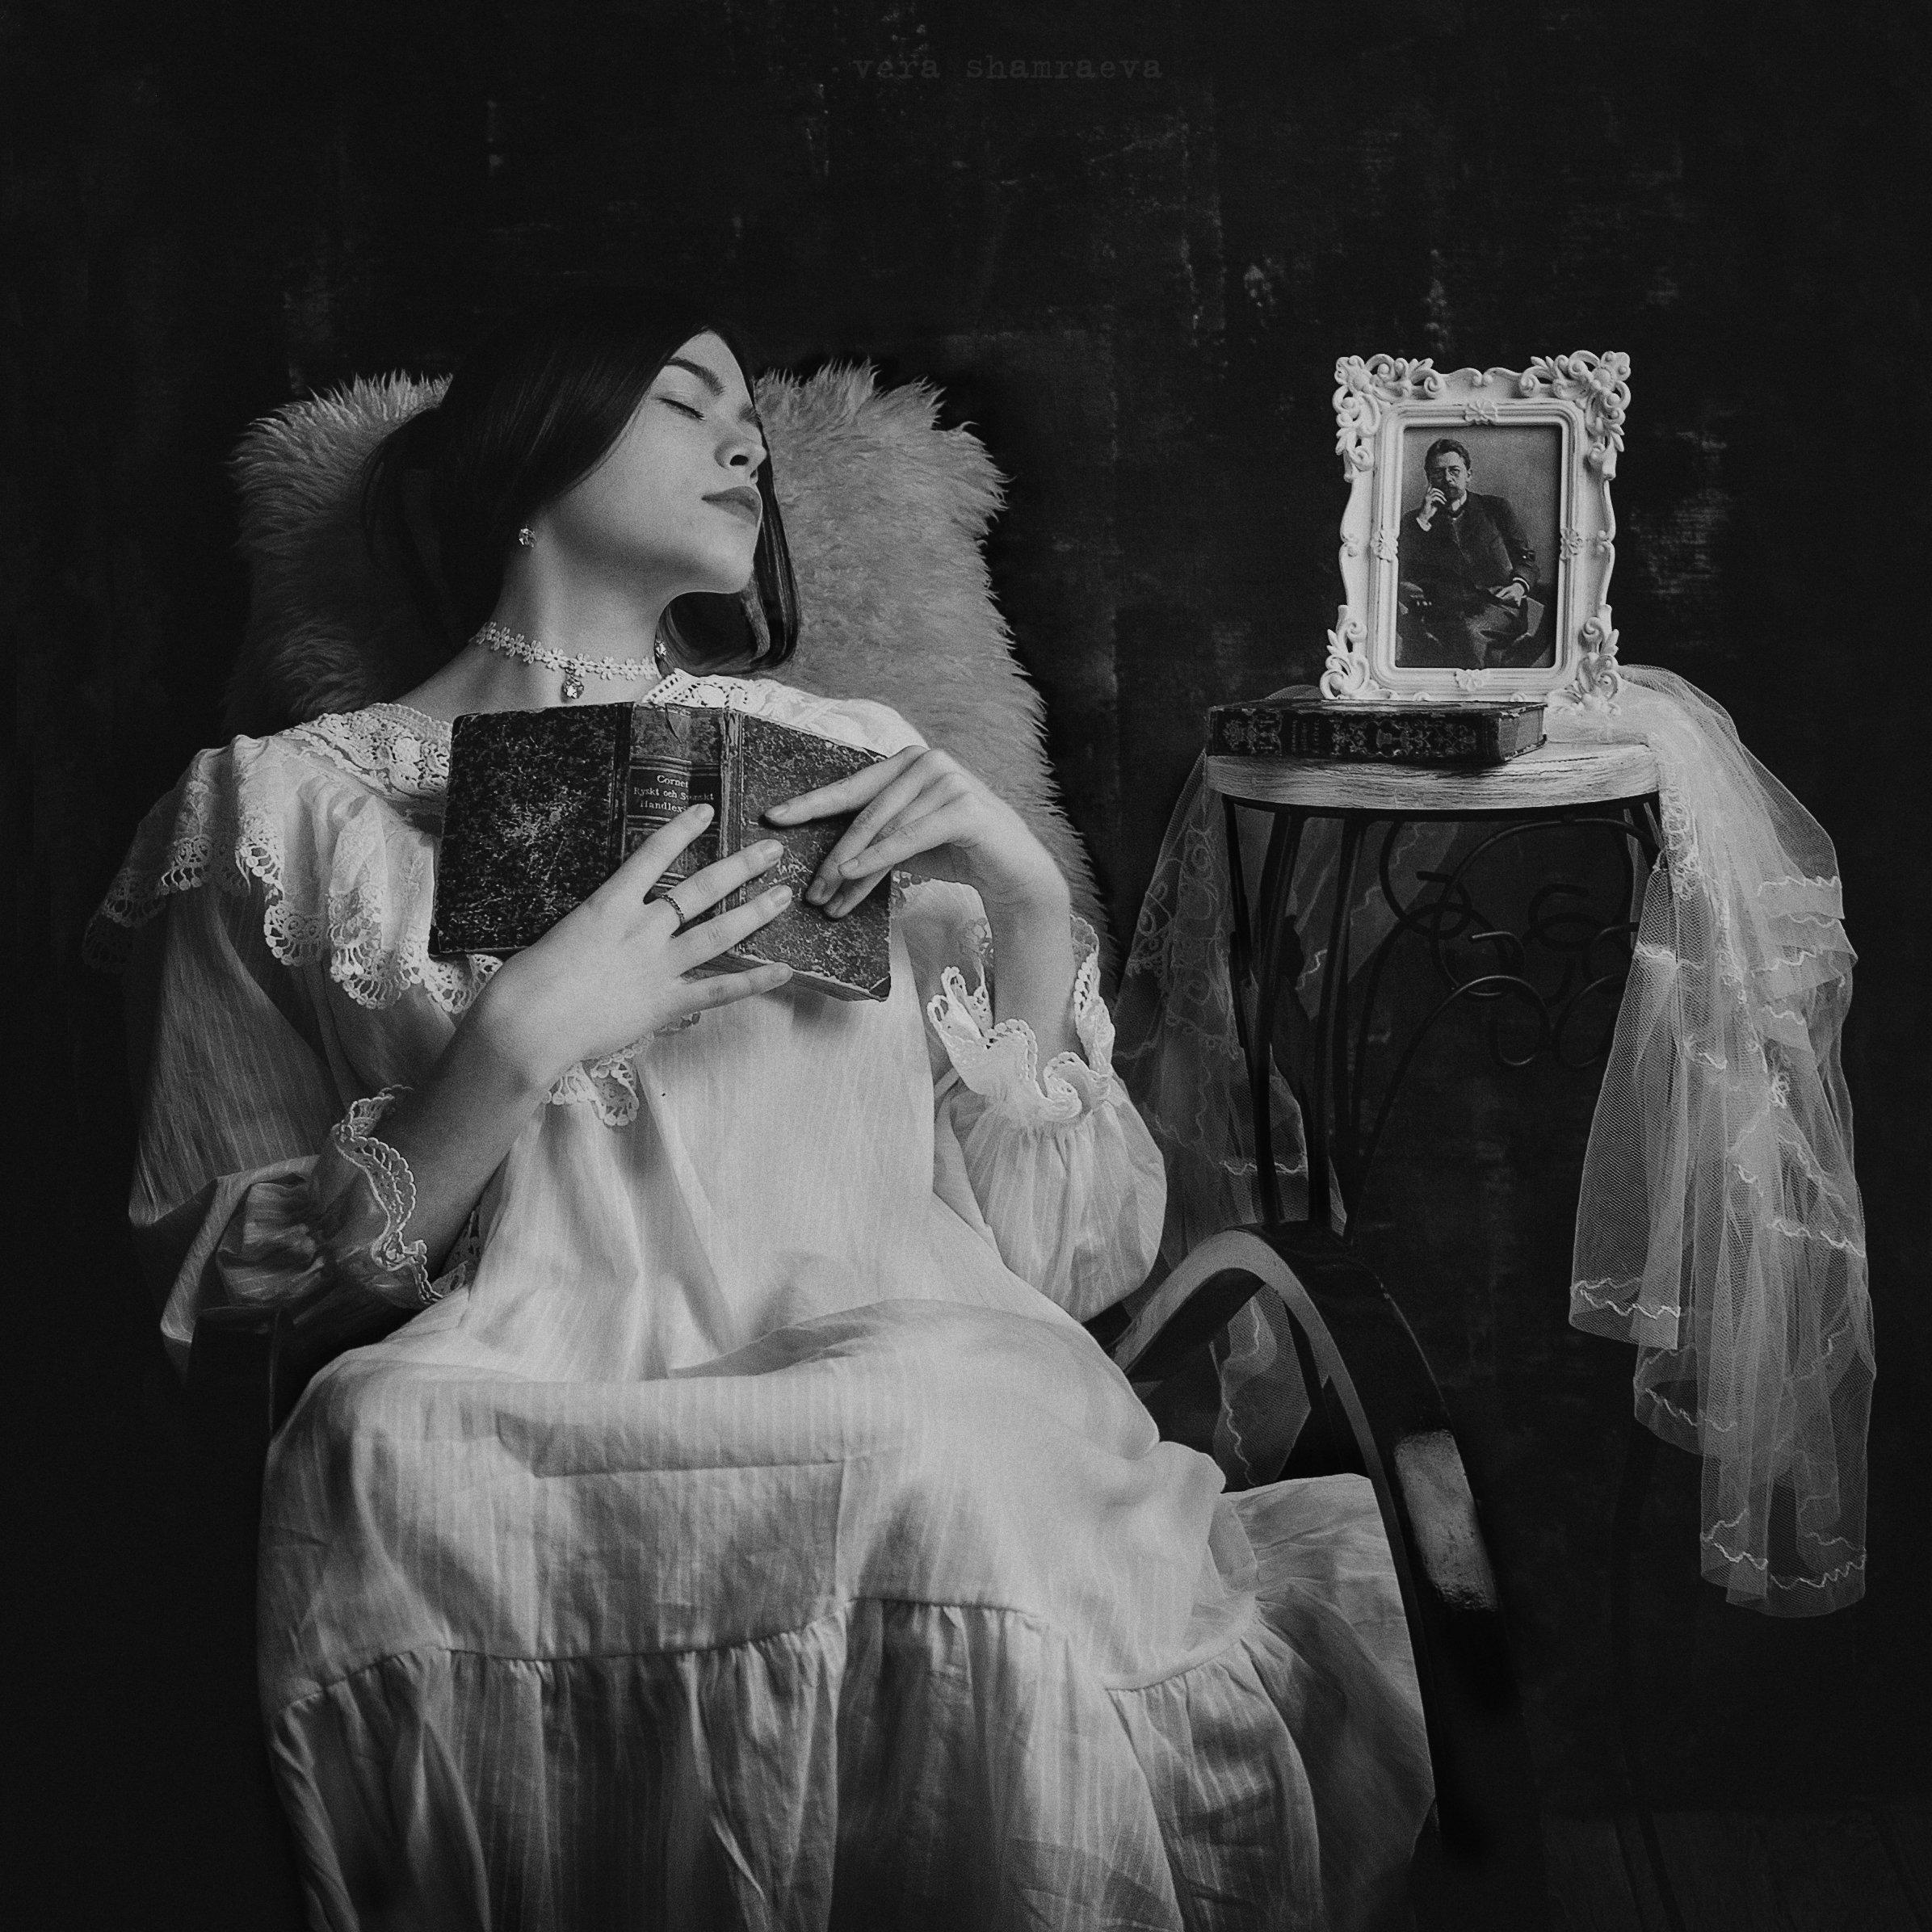 винтажный стиль монохром девичий портрет, Вера Шамраева